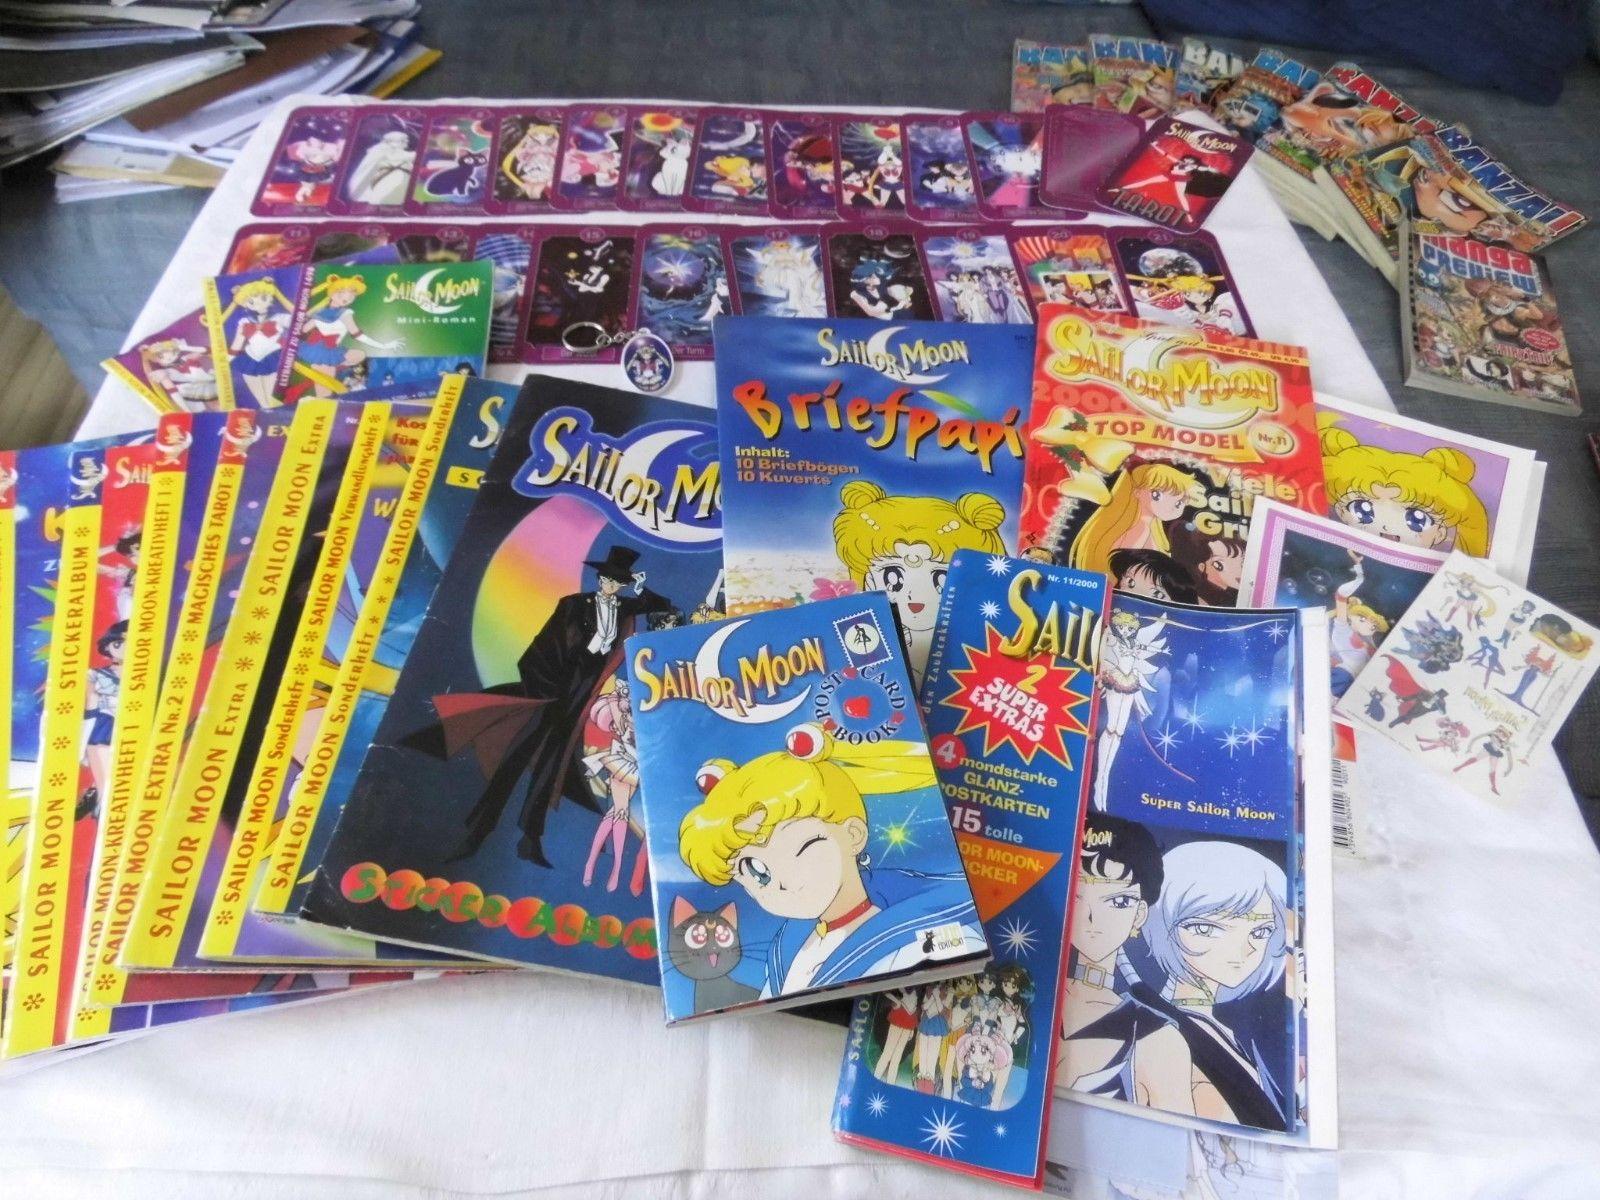 Sailormoon Sammlung - einfach reinschauen